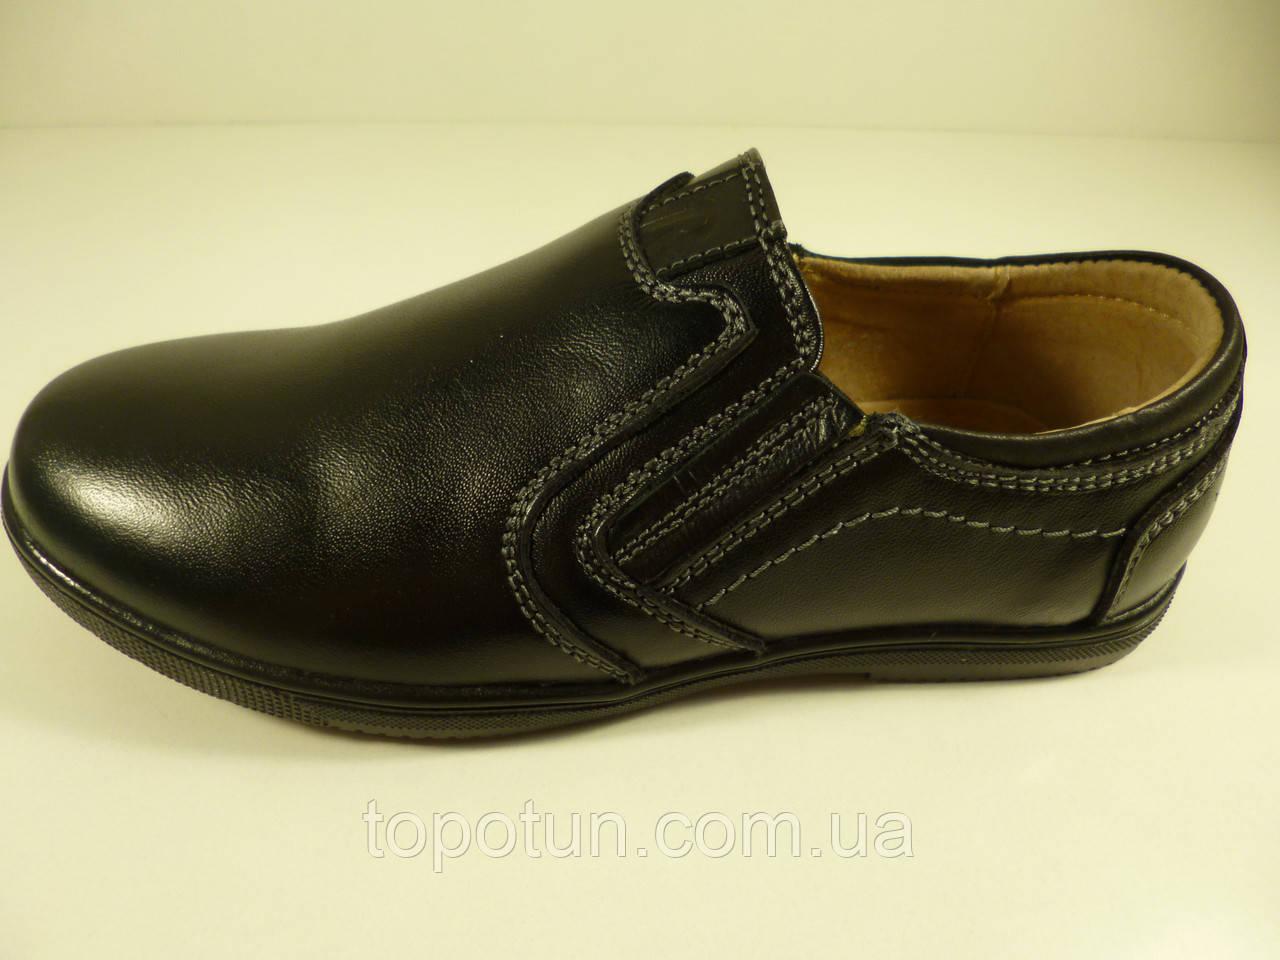 Школьные туфли для мальчика Kangfu кожаные Размер: 33